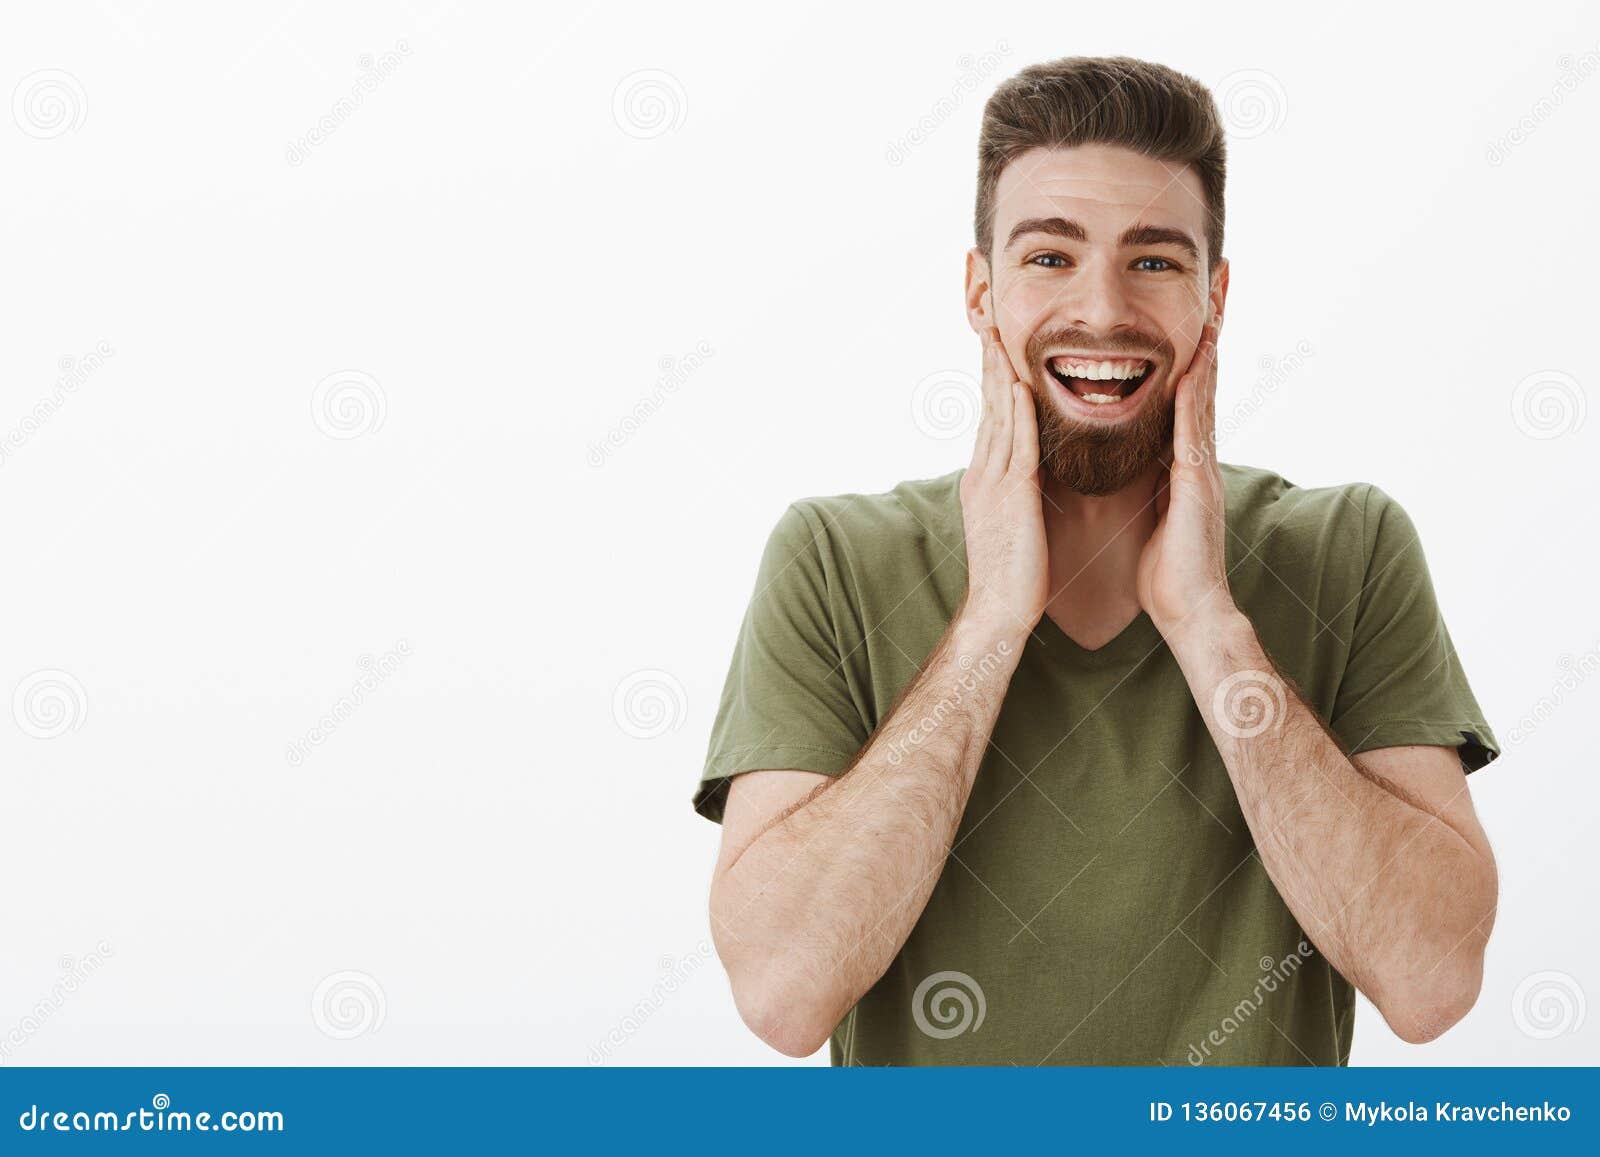 从笑和微笑受伤的面颊 发笑愉快的弱拍可爱的有胡子的成年男性画象在橄榄色的T恤杉的